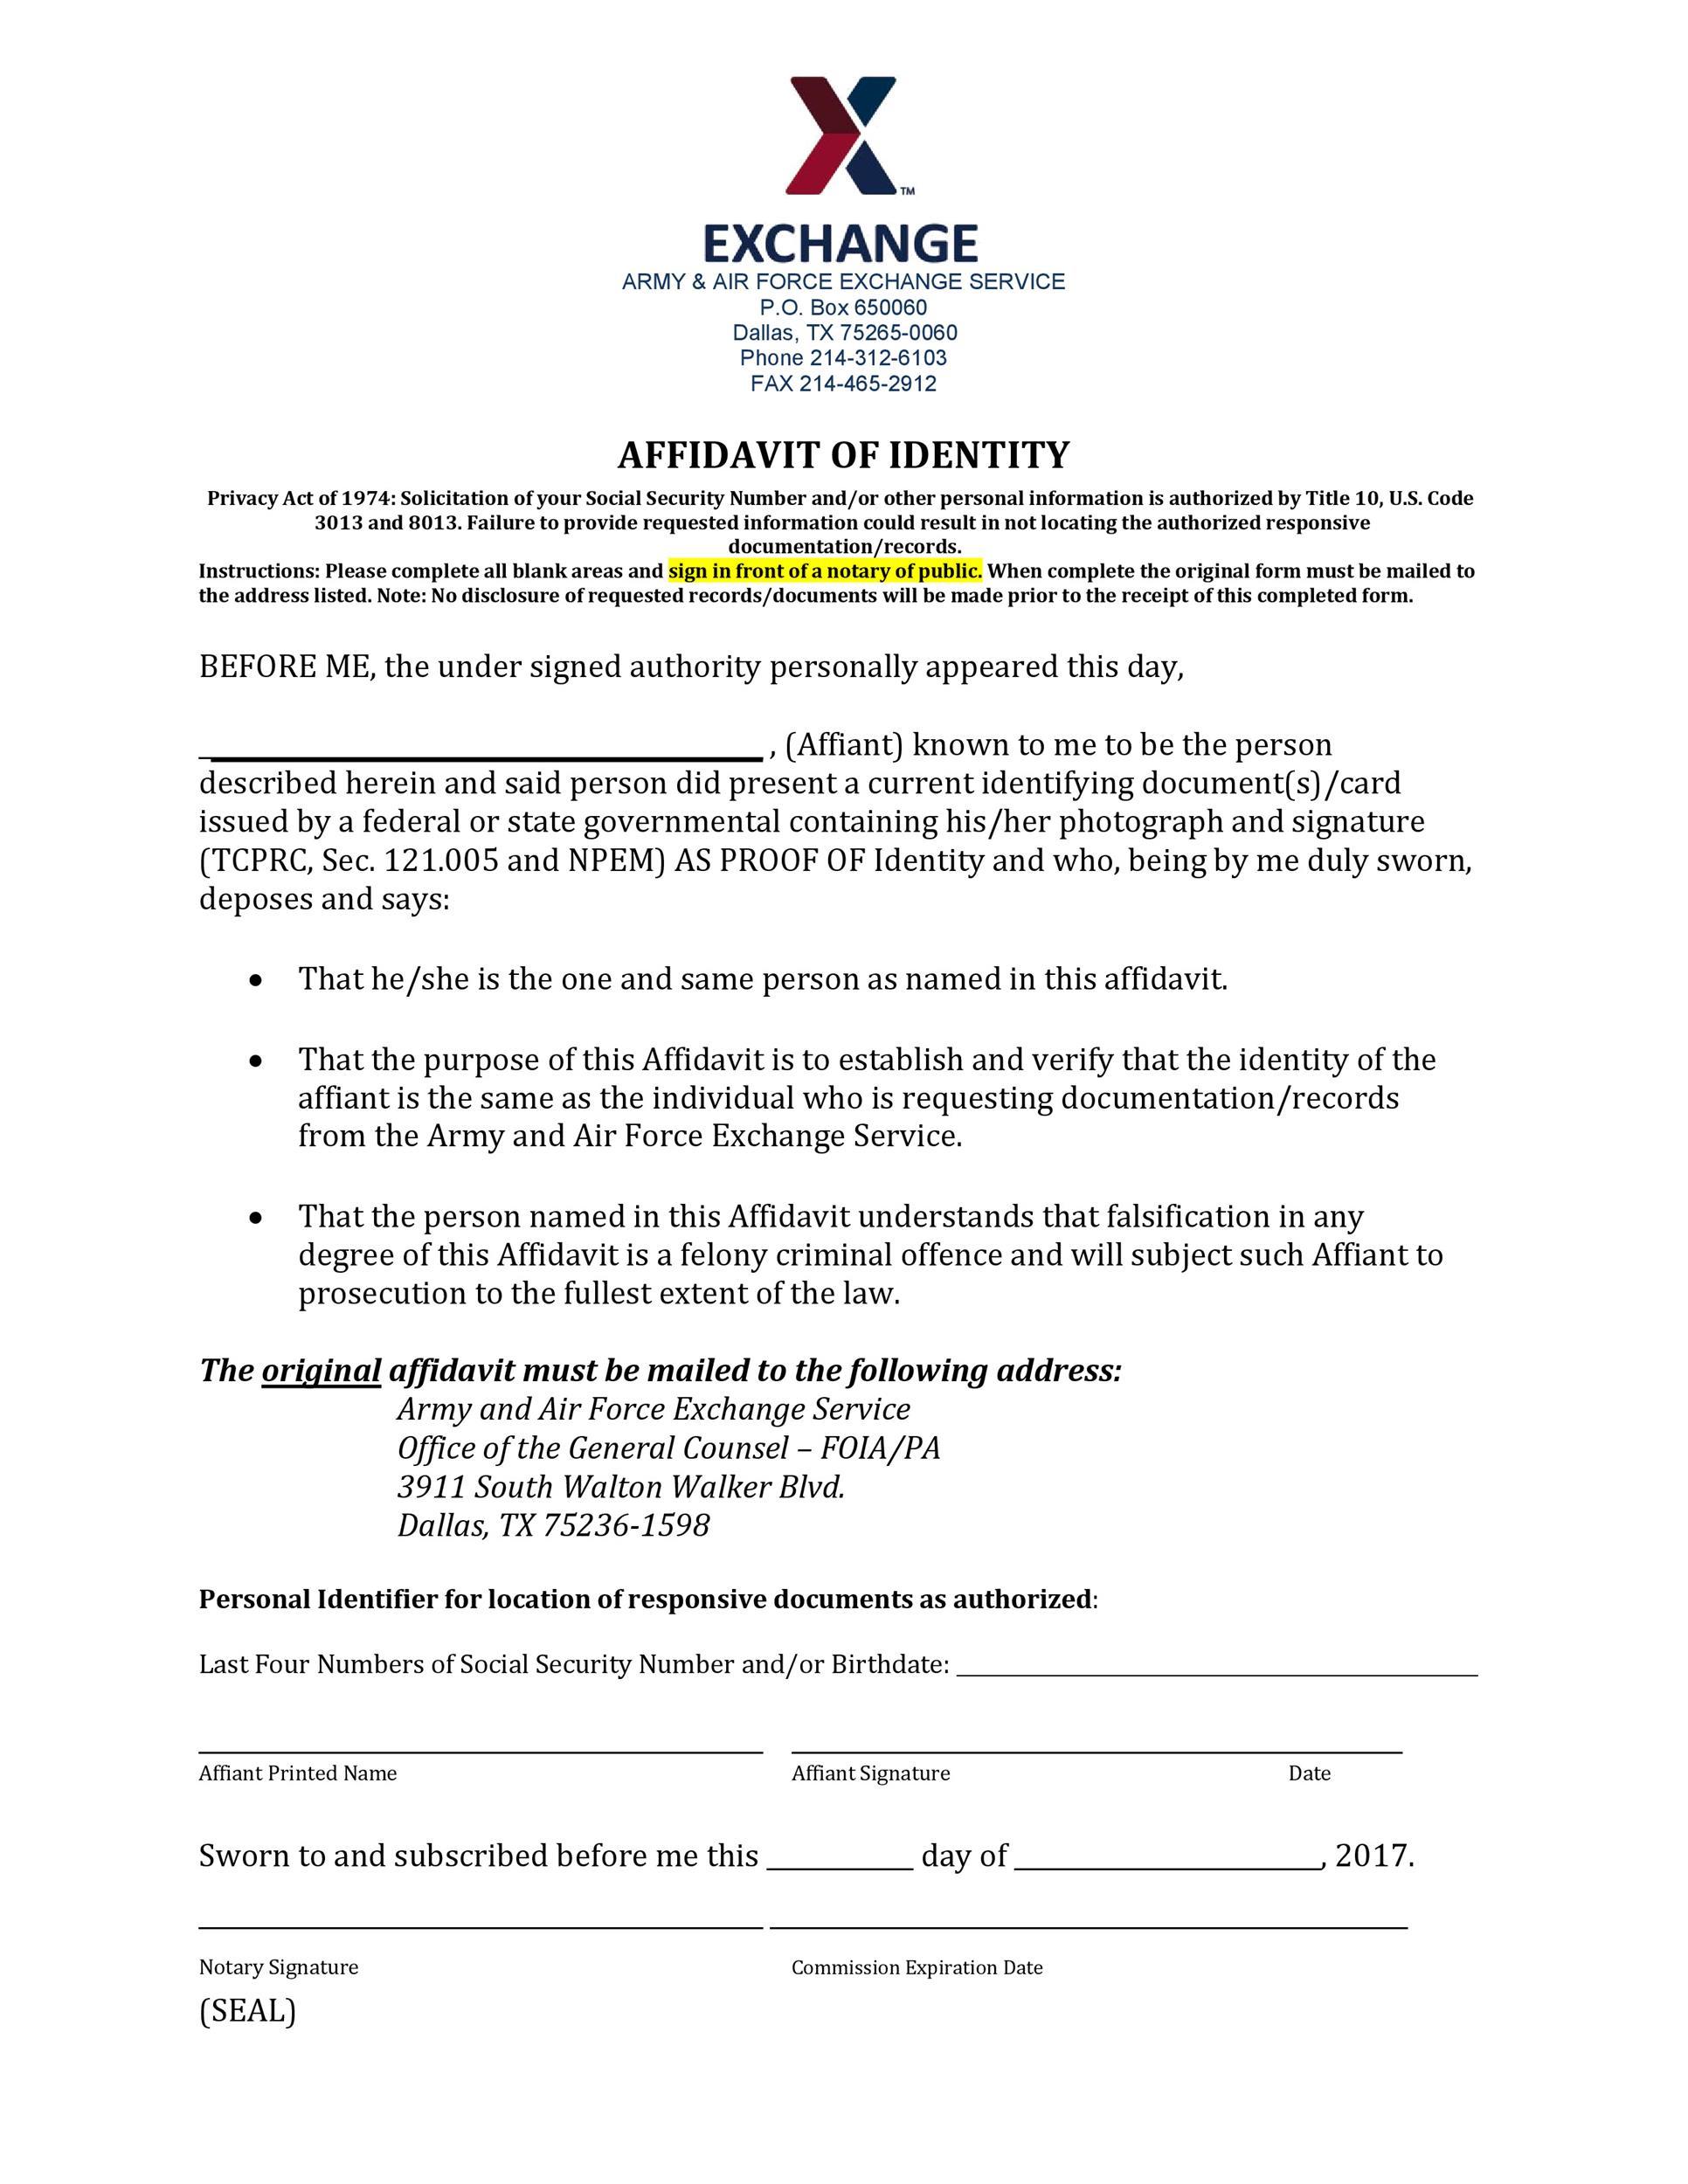 Free affidavit of identity 10